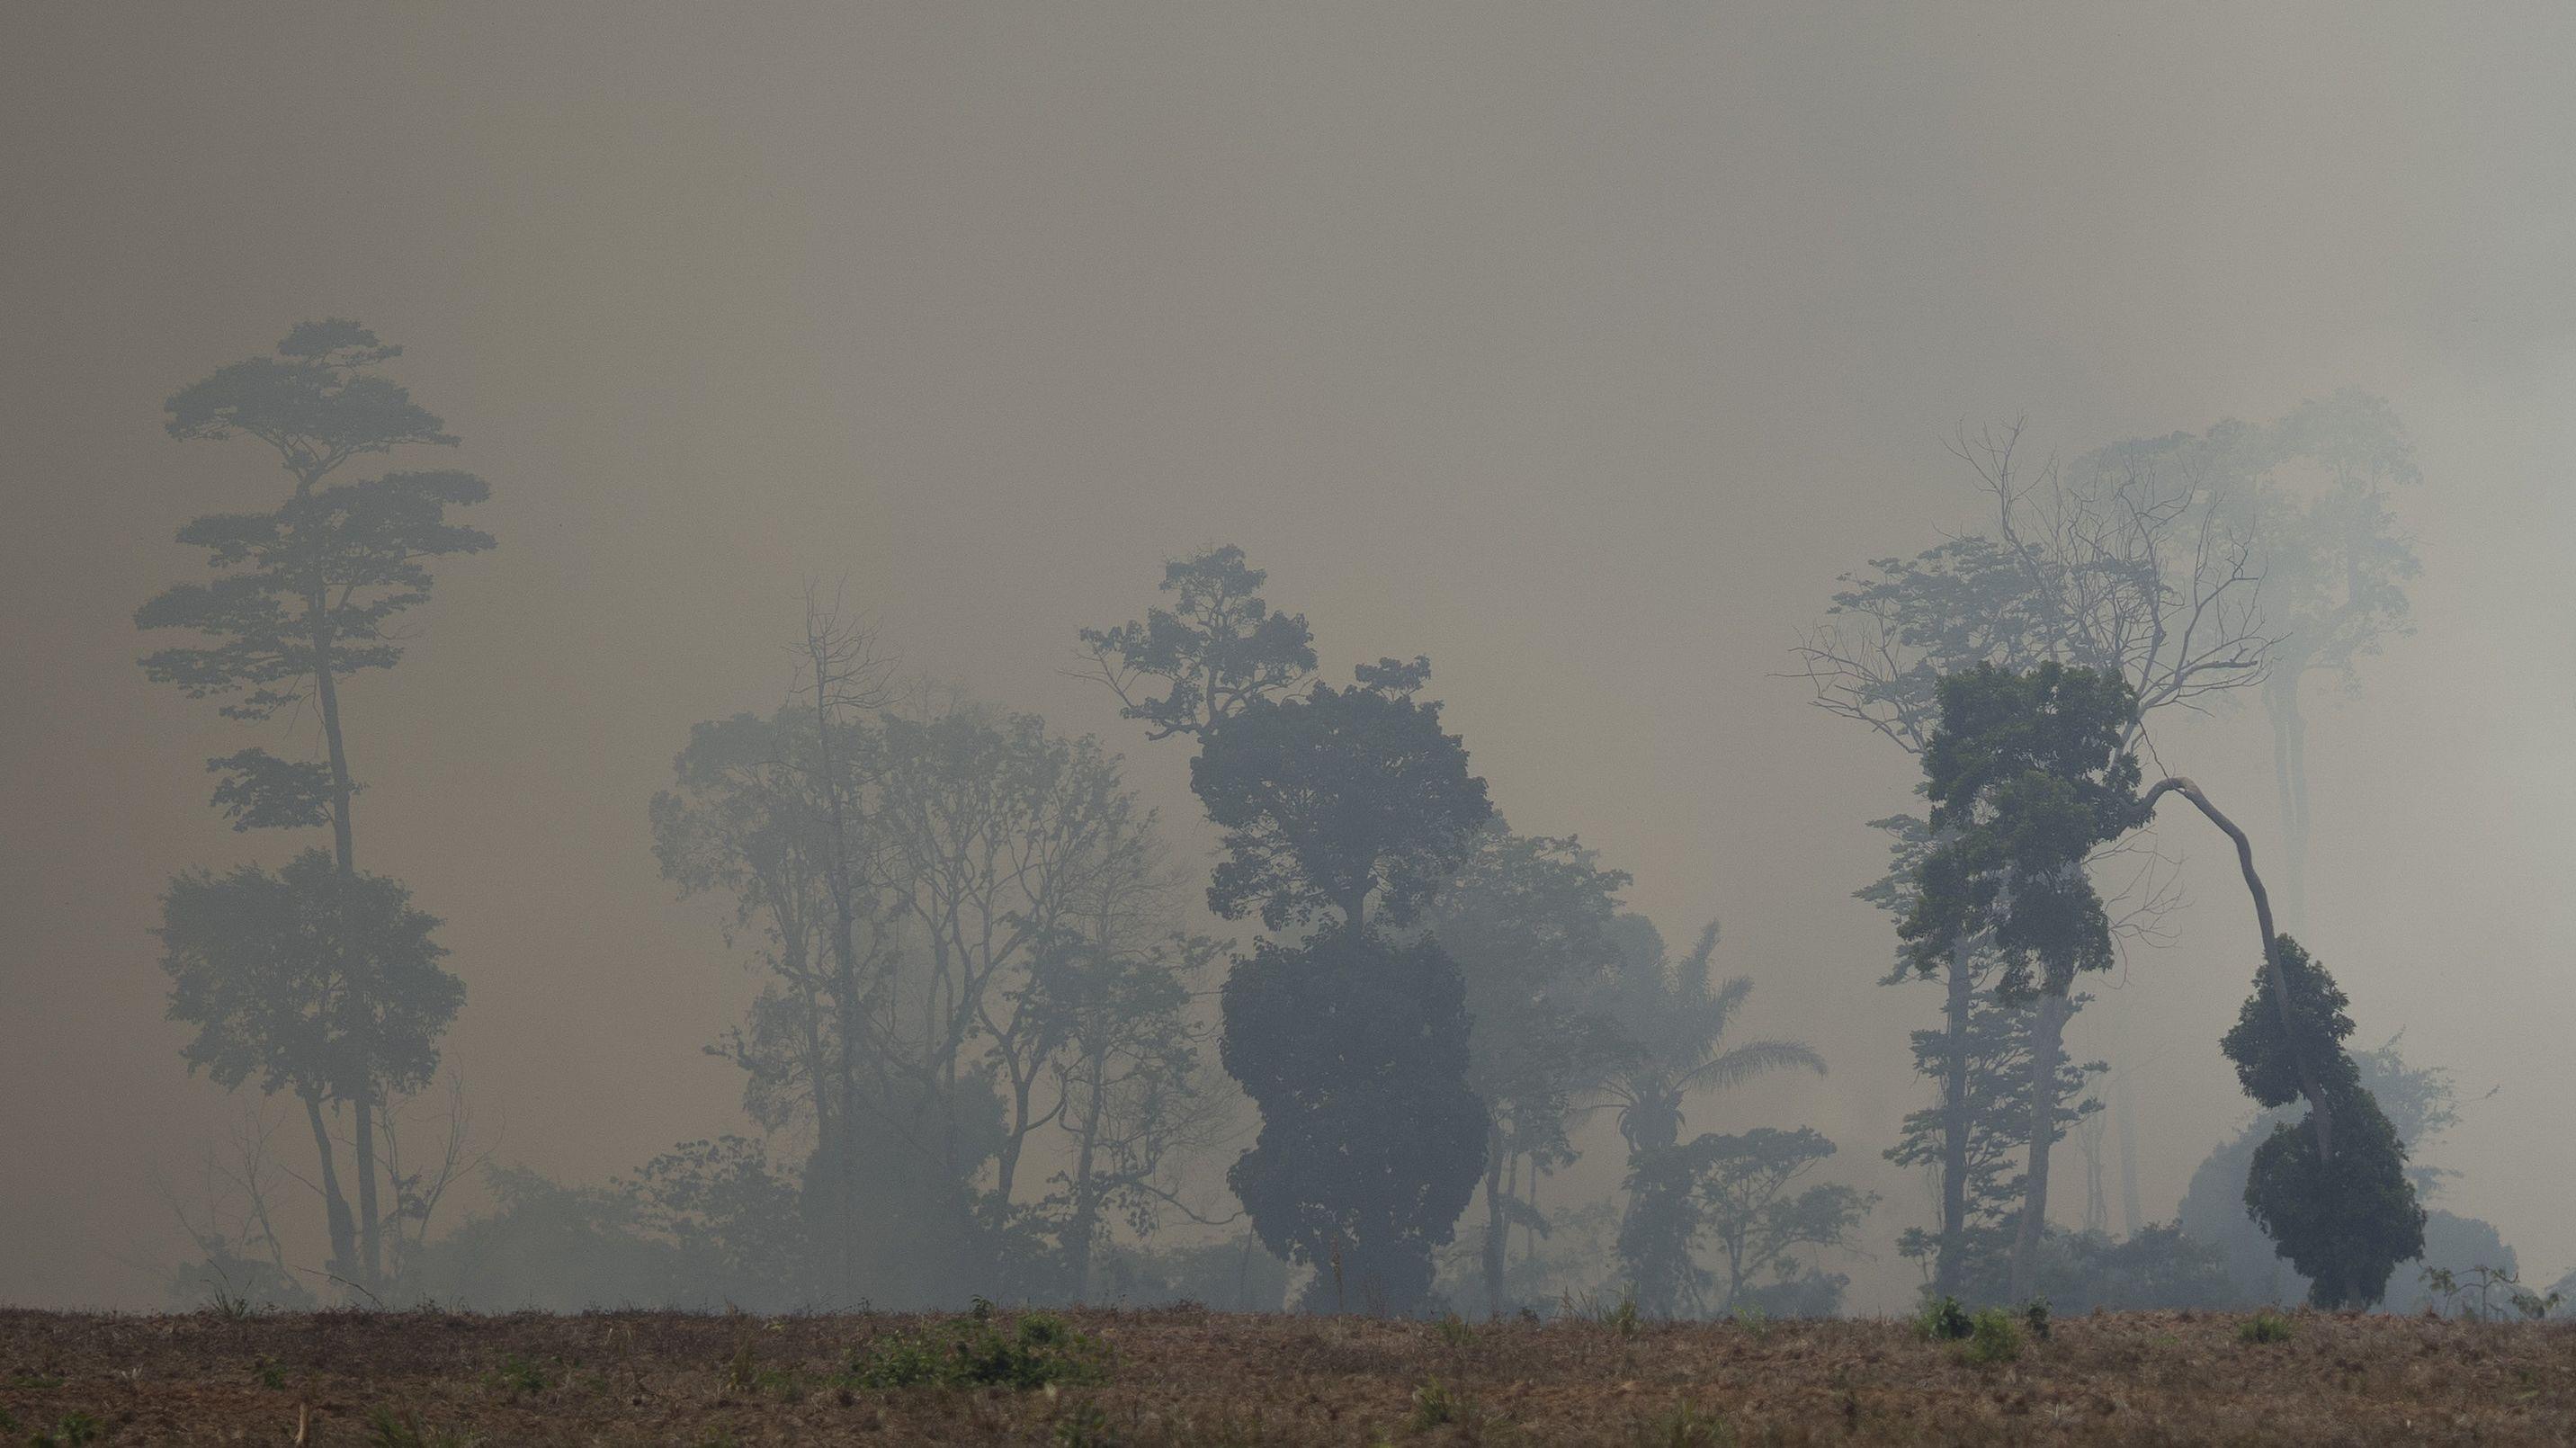 Regenwaldreste in Rauchschwaden